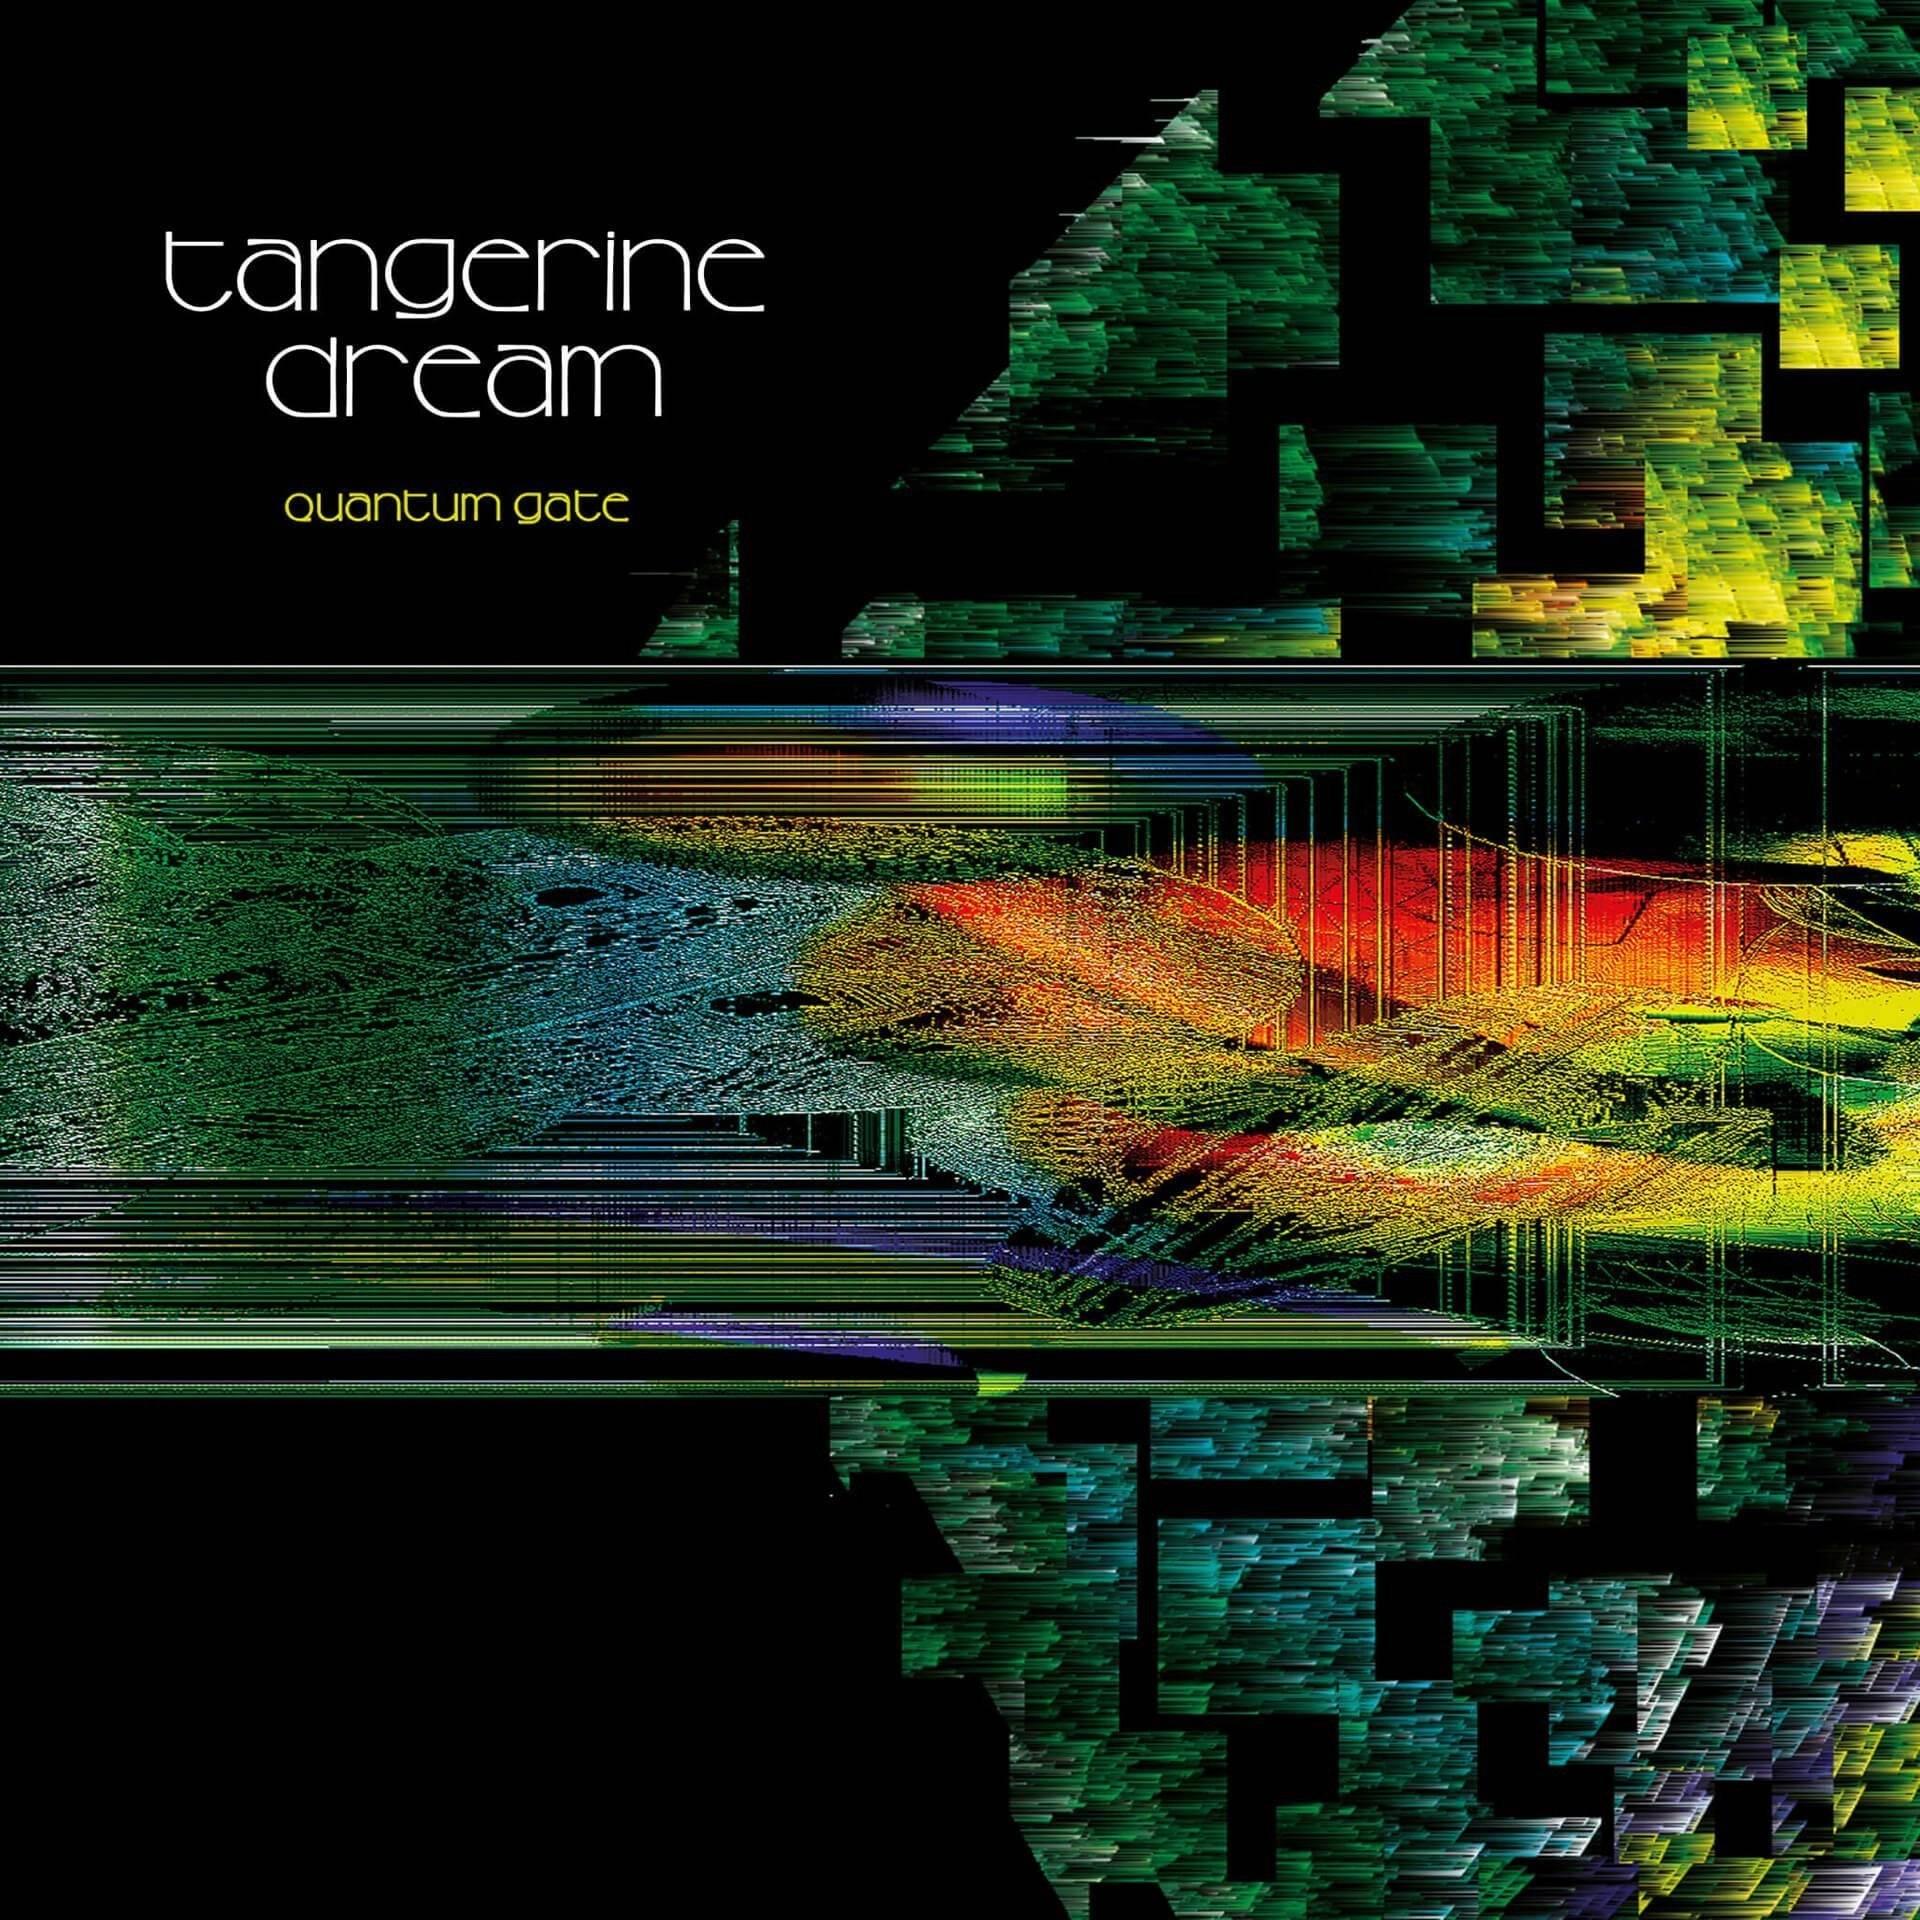 Tangerine Dream – Quantum Gate